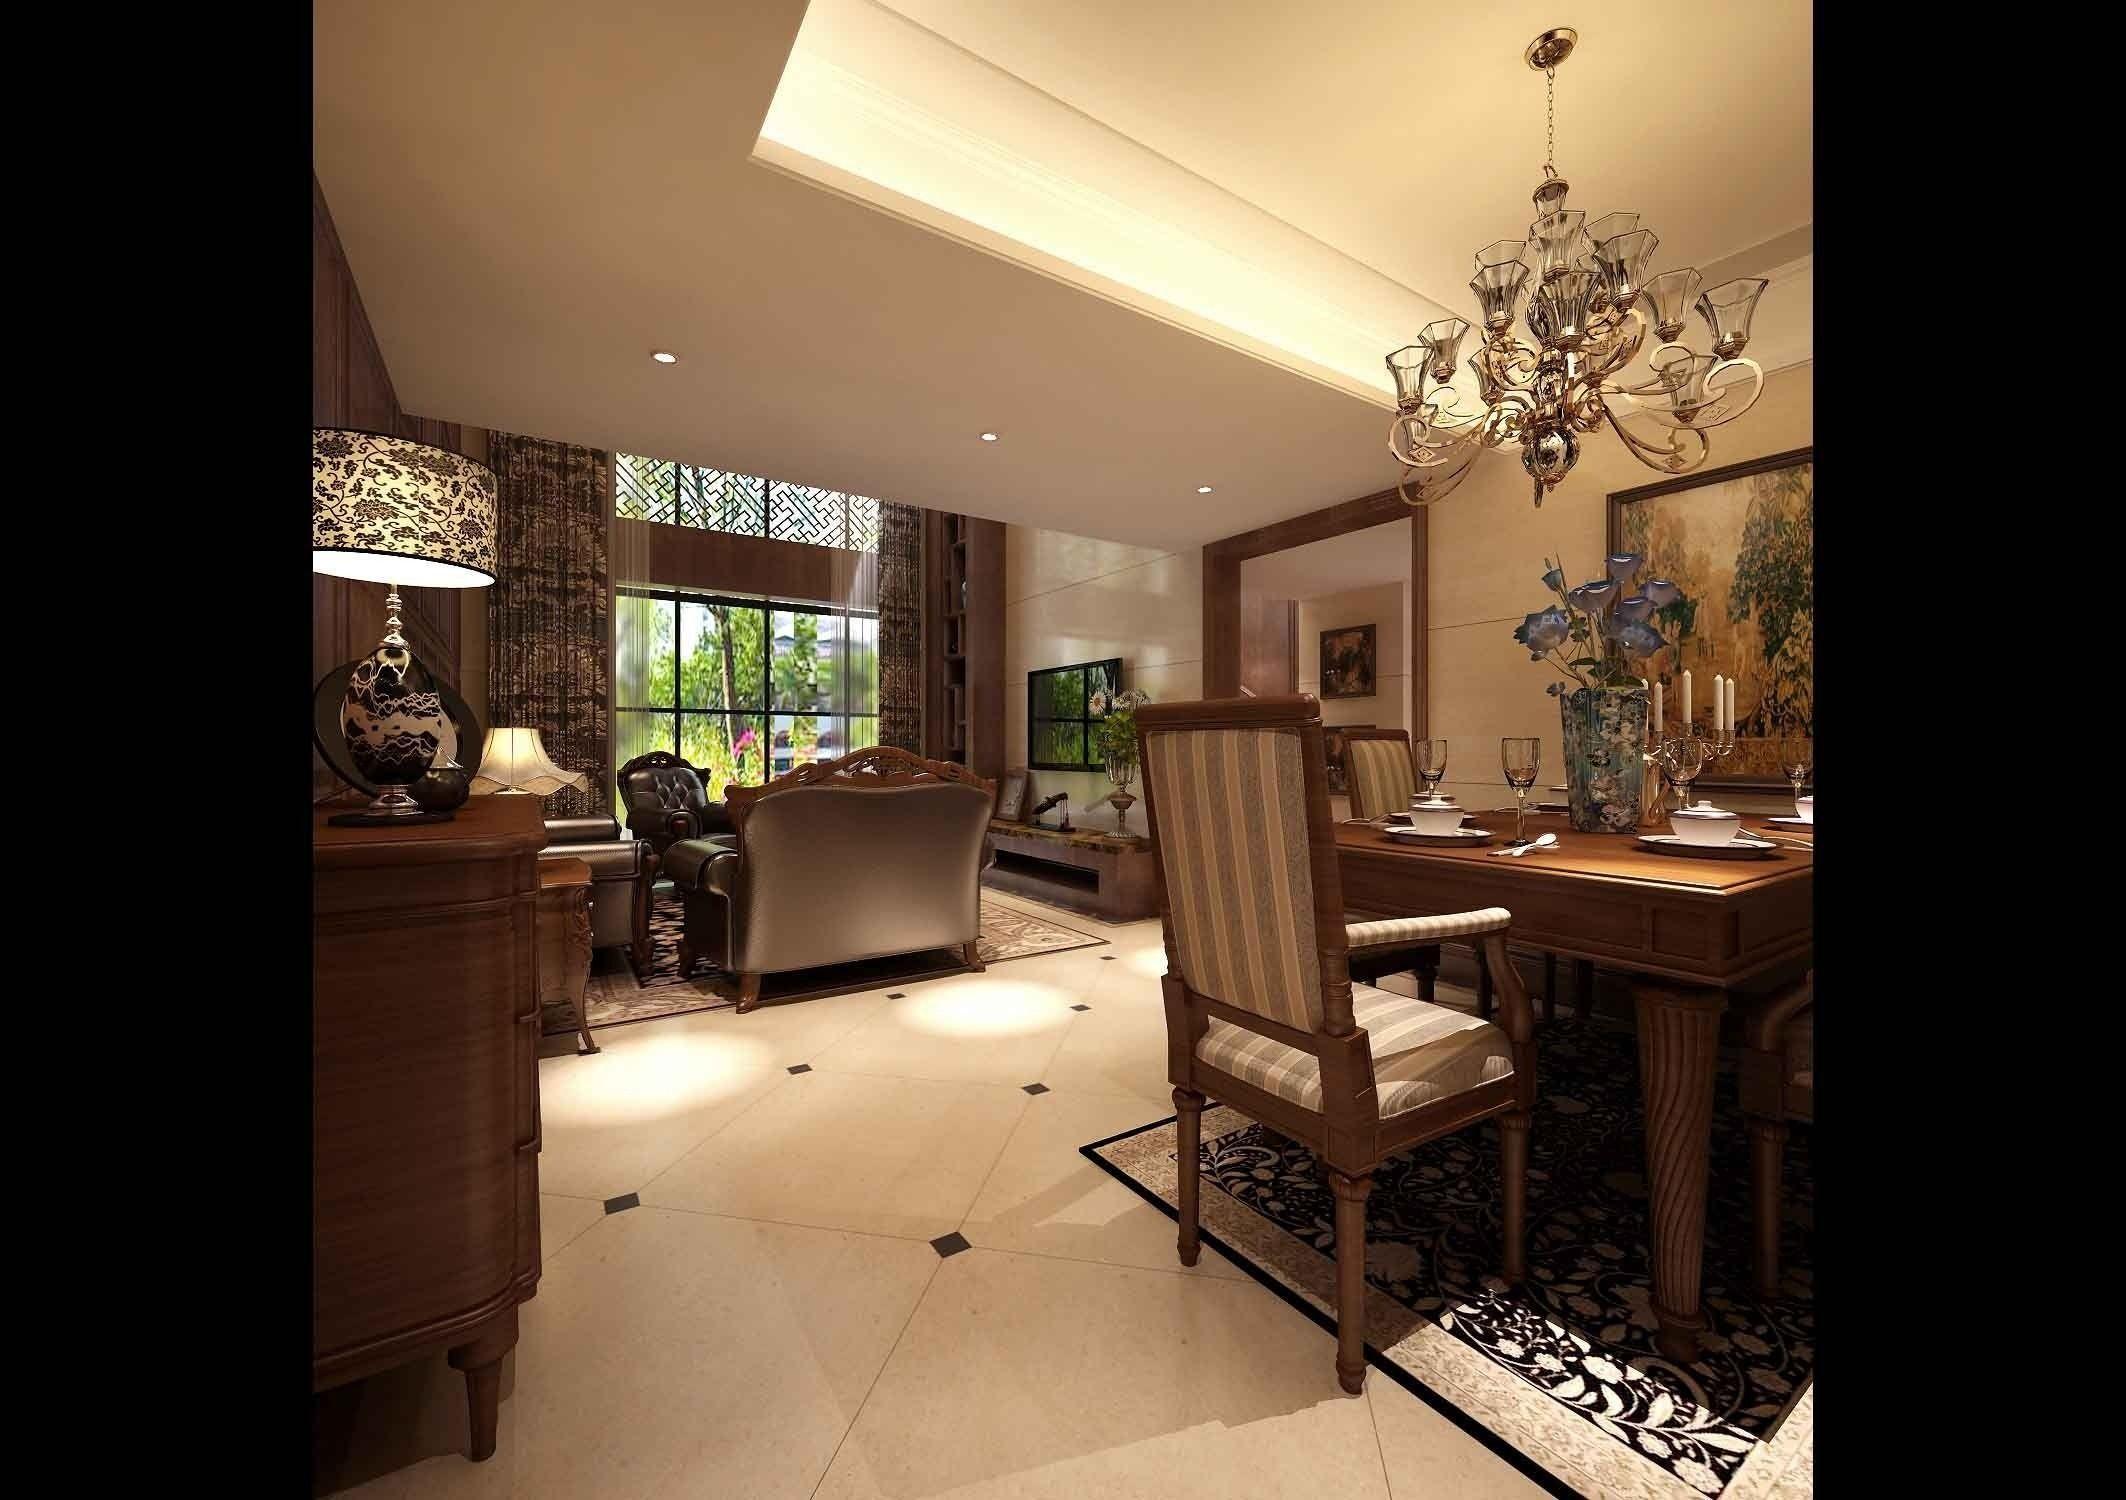 Realistic Living Room Design 174 3d Model Max